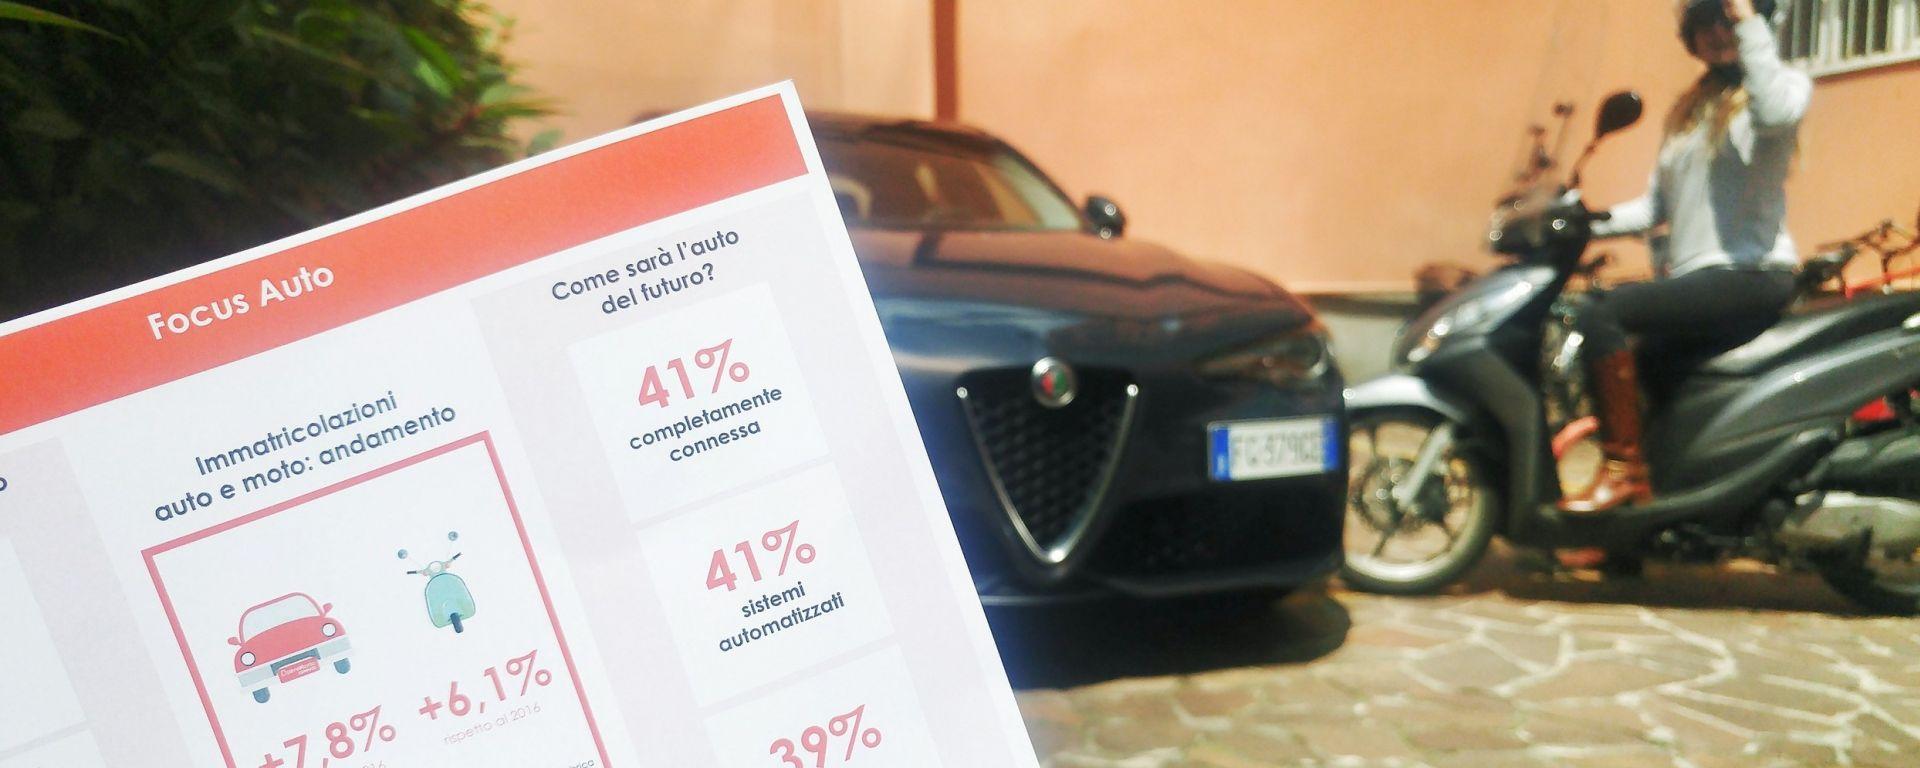 Quanto si indebitano gli italiani per comprare l'auto e la moto?